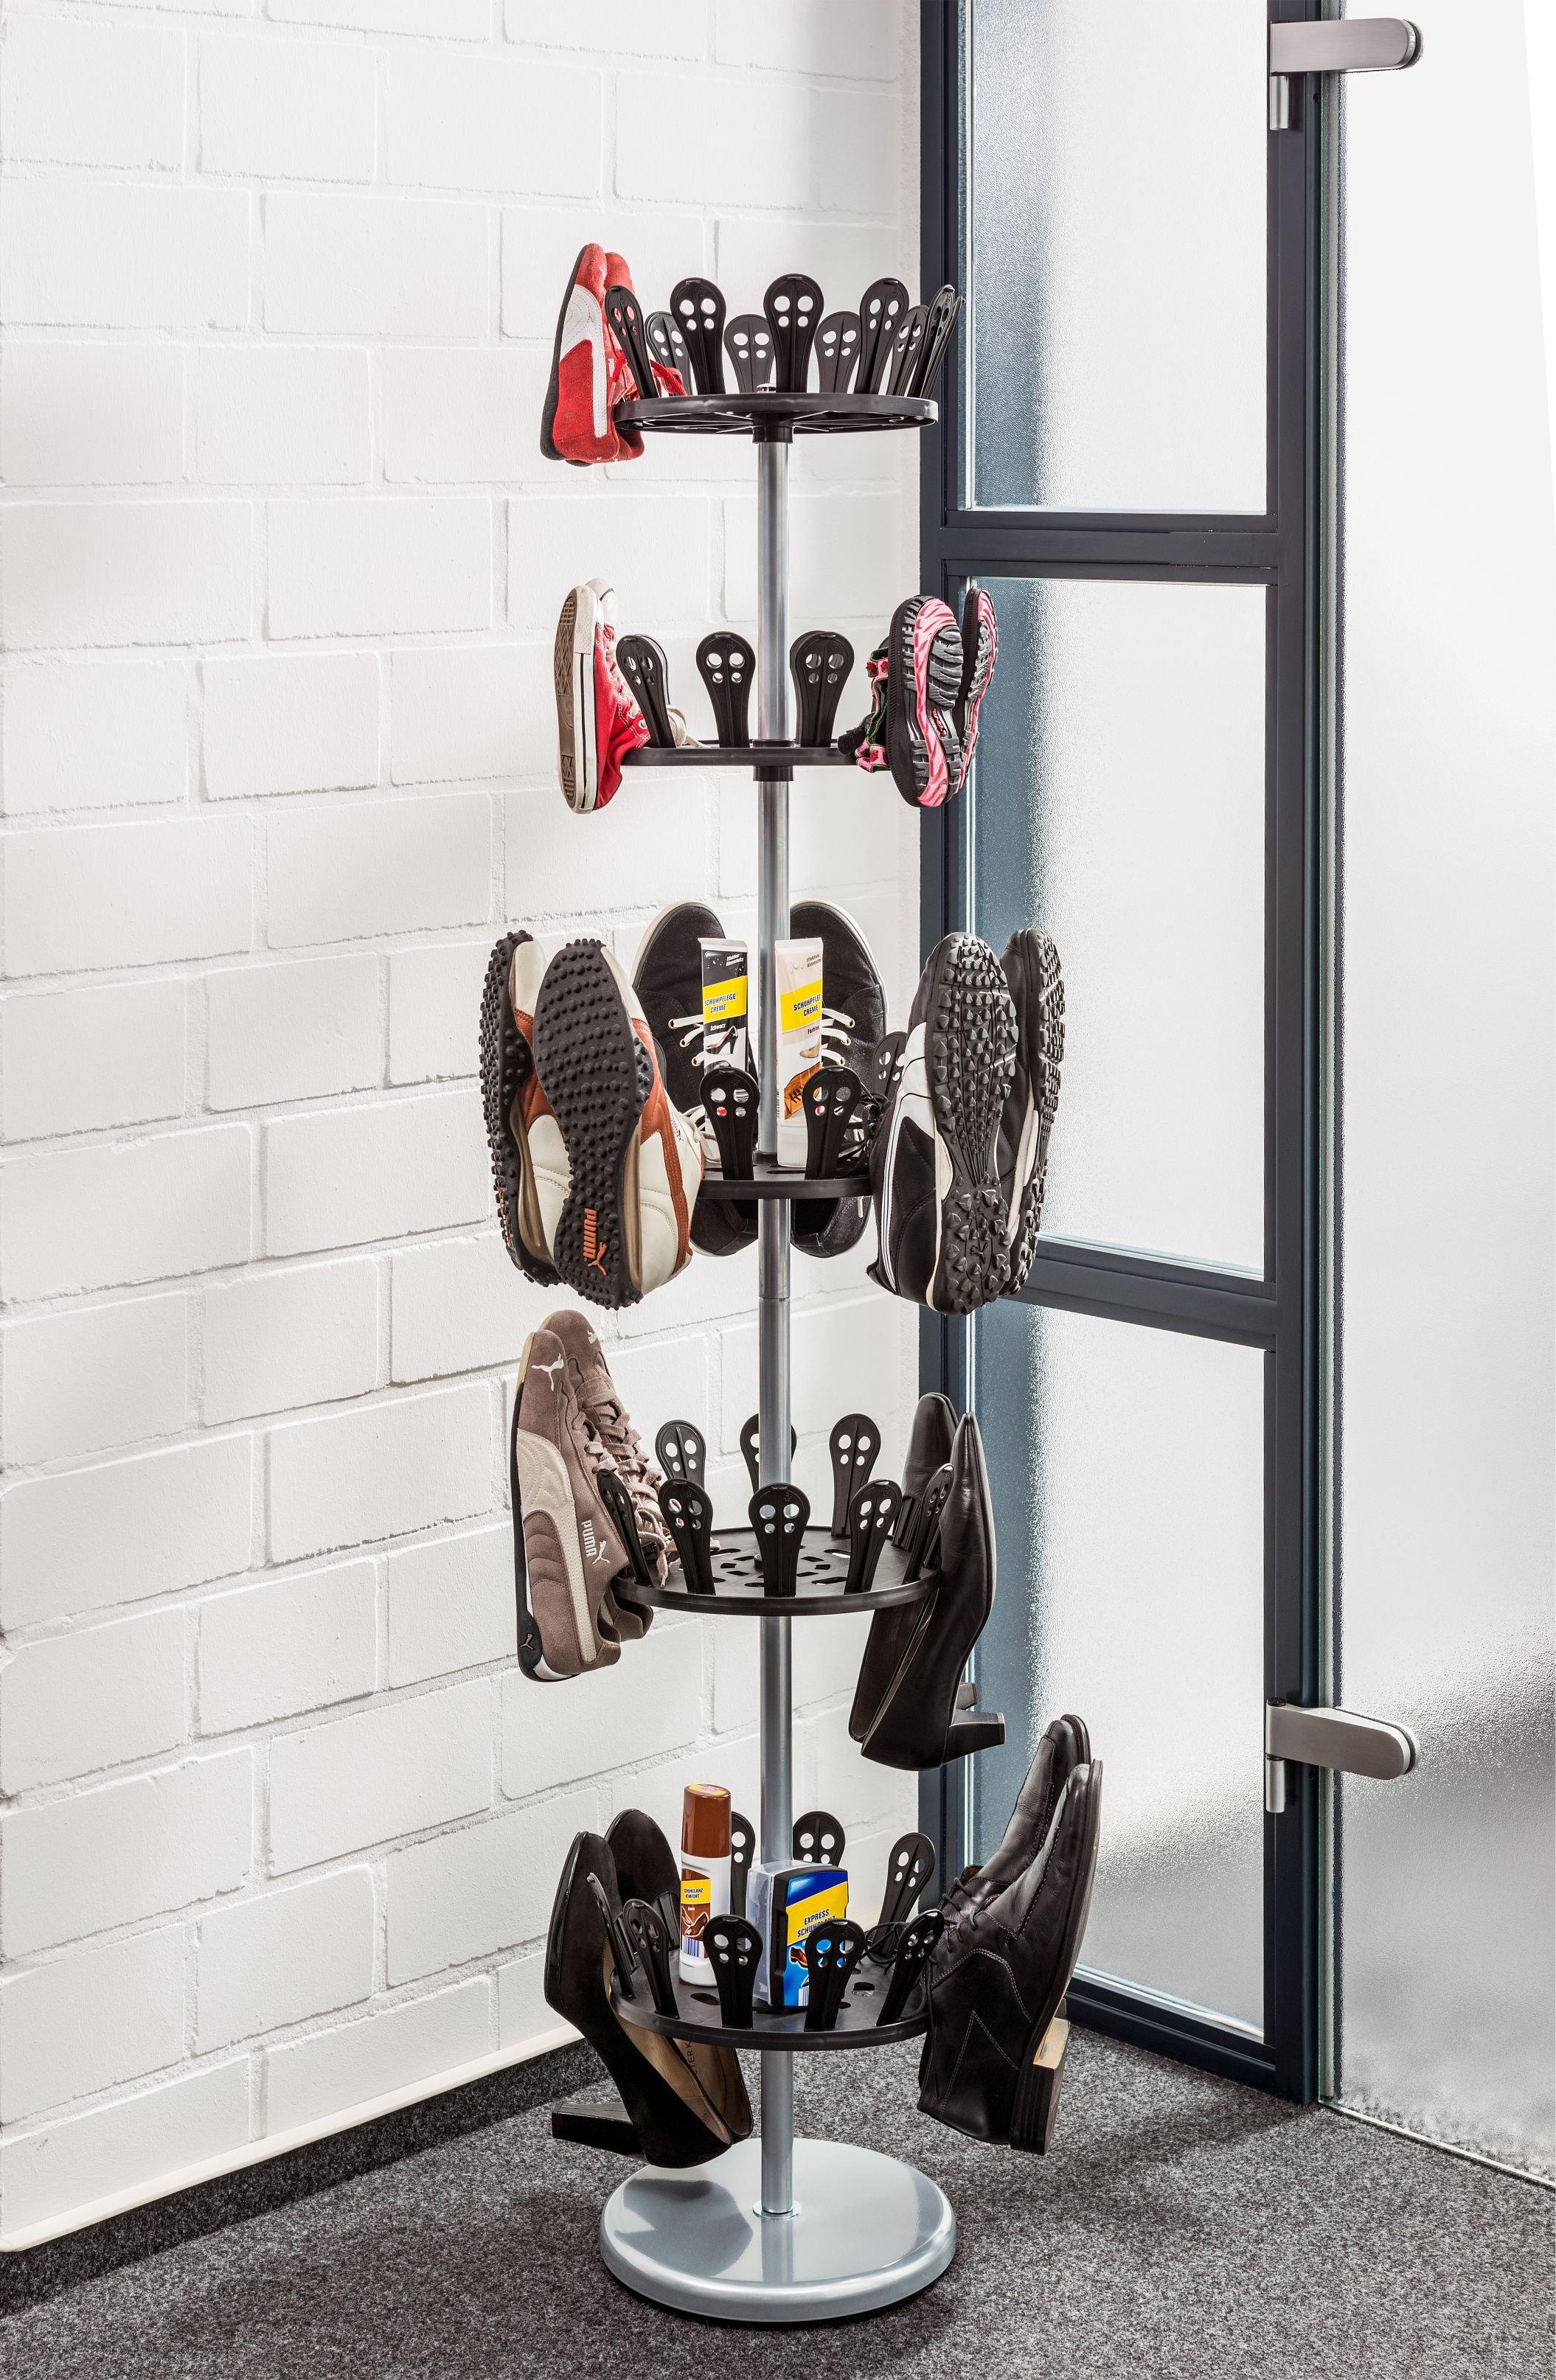 Maximex schoenencarrousel, 5 schoenenhouders, 30 paar schoenen - verschillende betaalmethodes